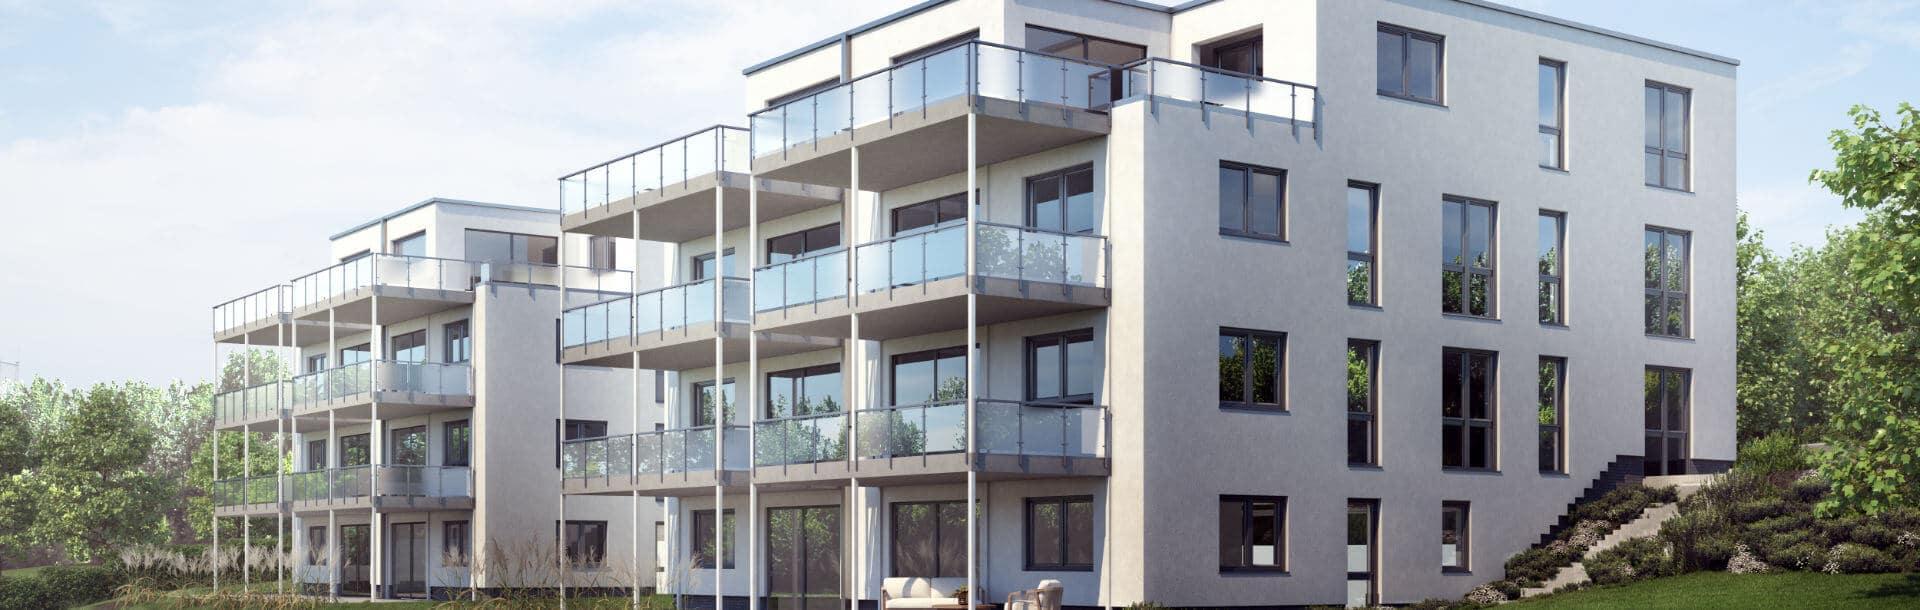 Wohnprojekt Wipperfürth